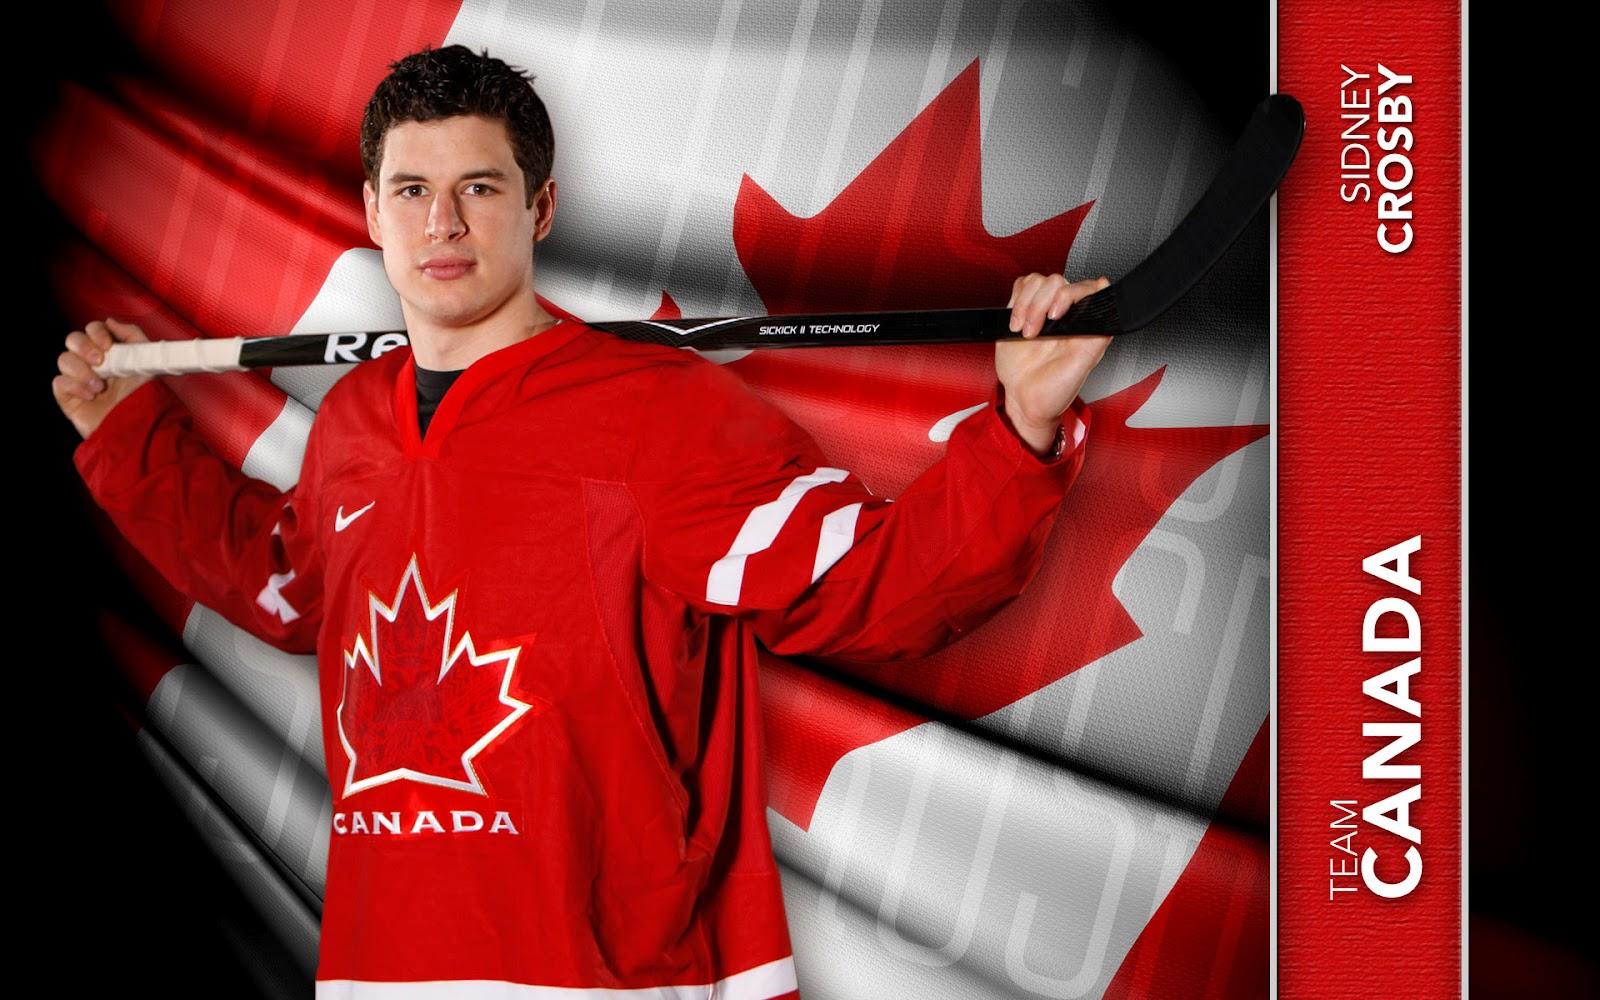 New Sports Stars Sidney Crosby Wallpaper 2012 1600x1000